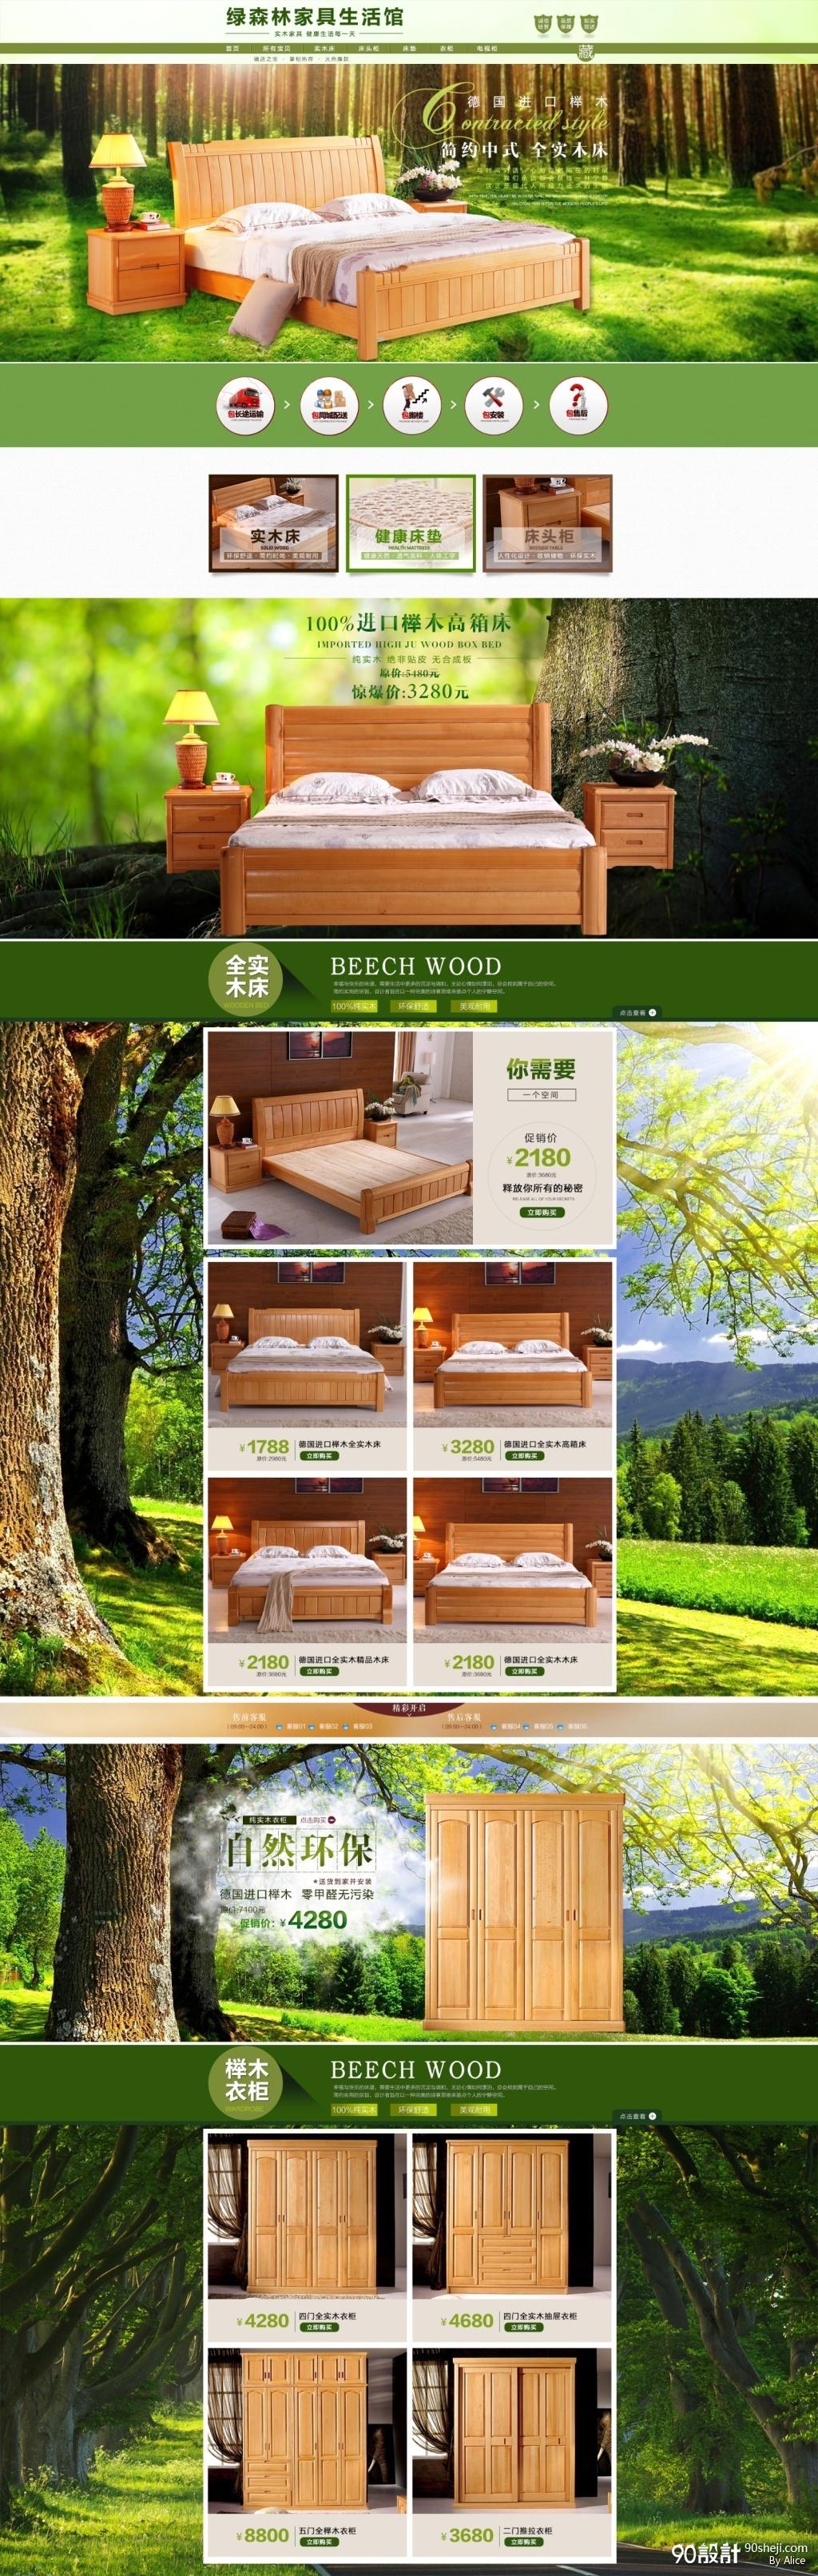 家具首页_店铺首页设计_90设计90sheji.com